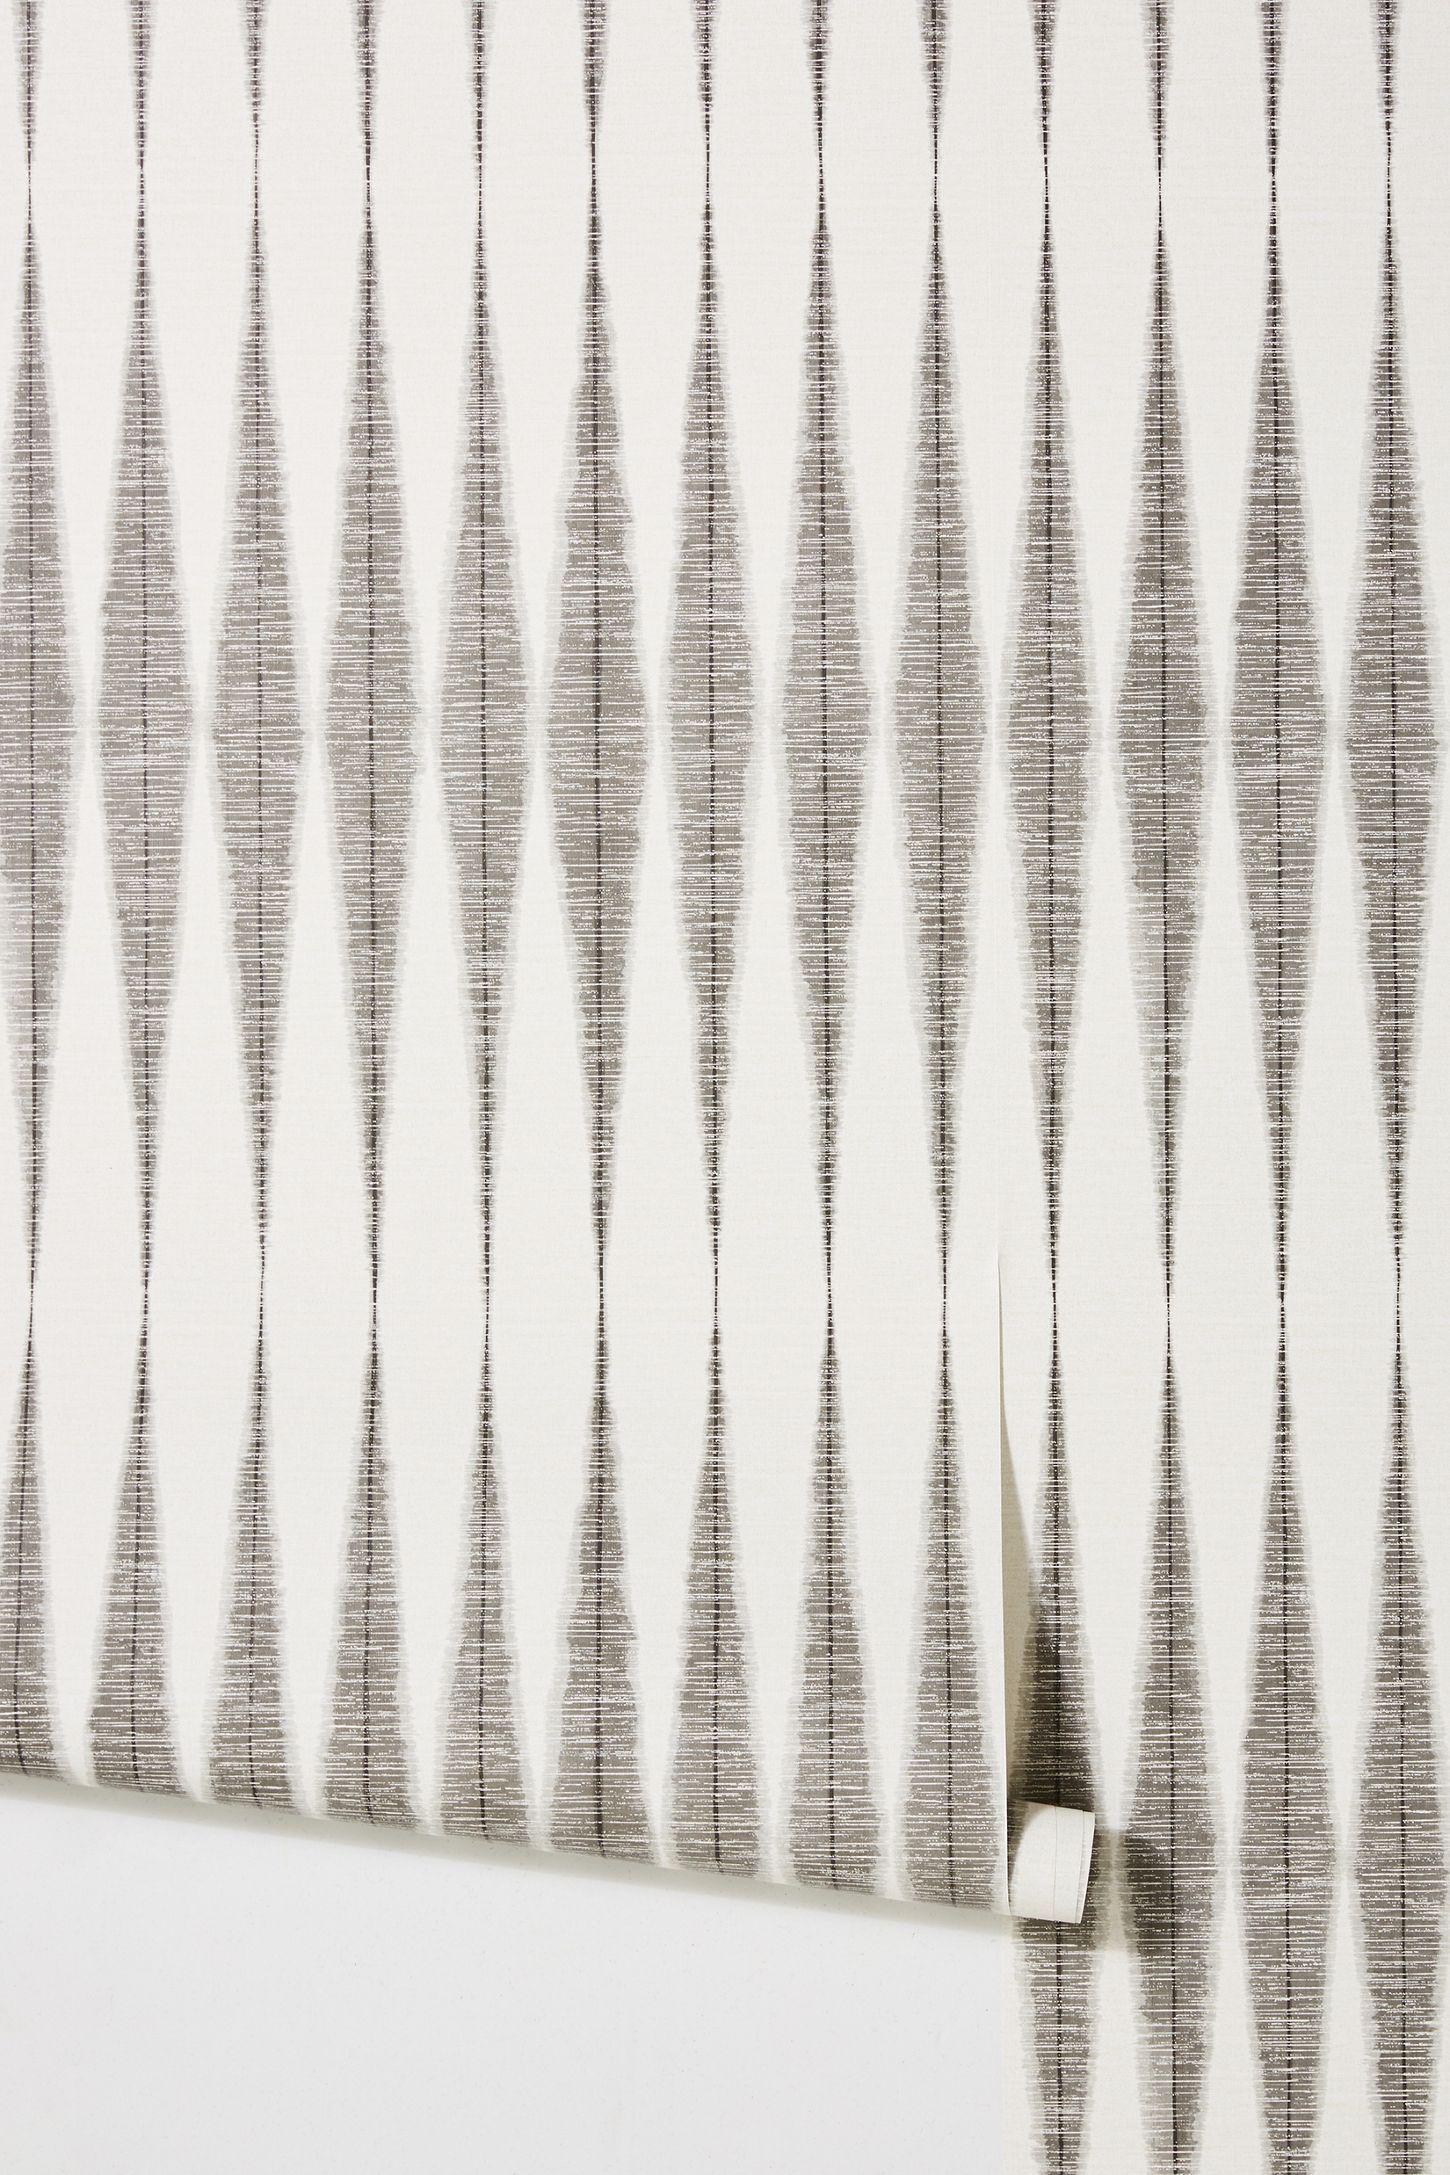 Magnolia Home Handloom Wallpaper In 2021 Magnolia Homes Wallpaper Hand Printed Wallpaper